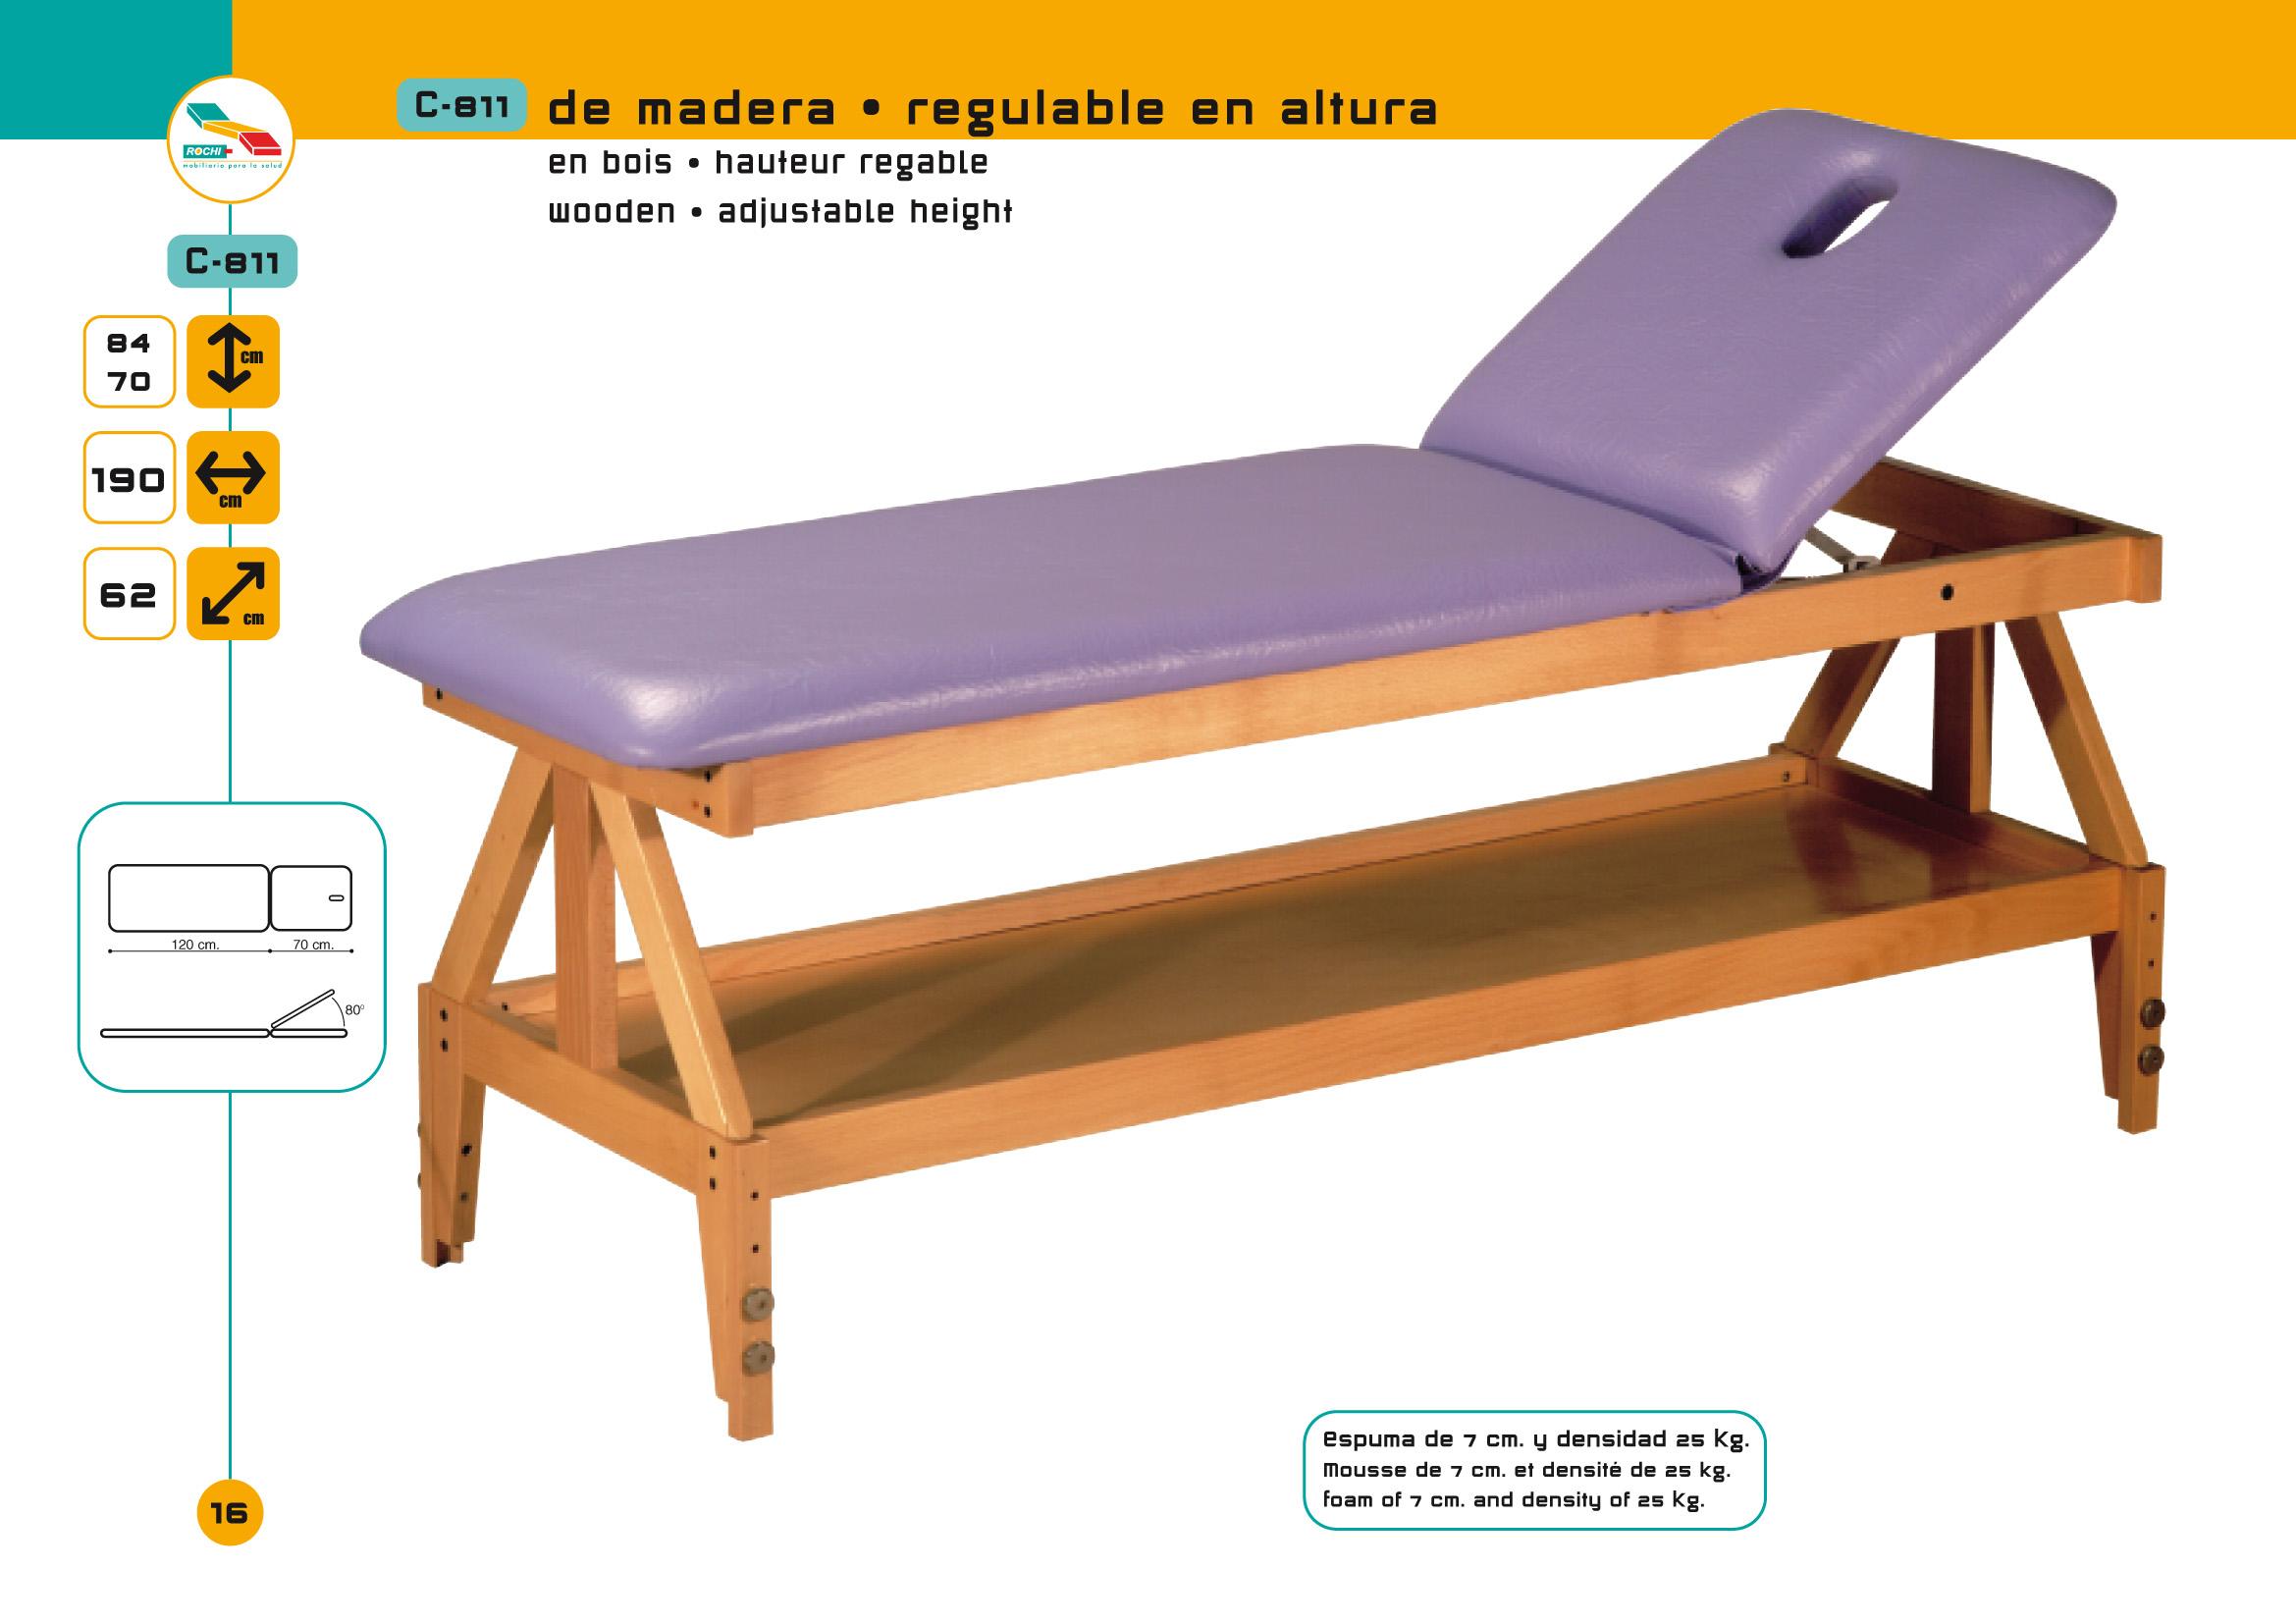 table de massage non pliante c 811 pi tement bois. Black Bedroom Furniture Sets. Home Design Ideas